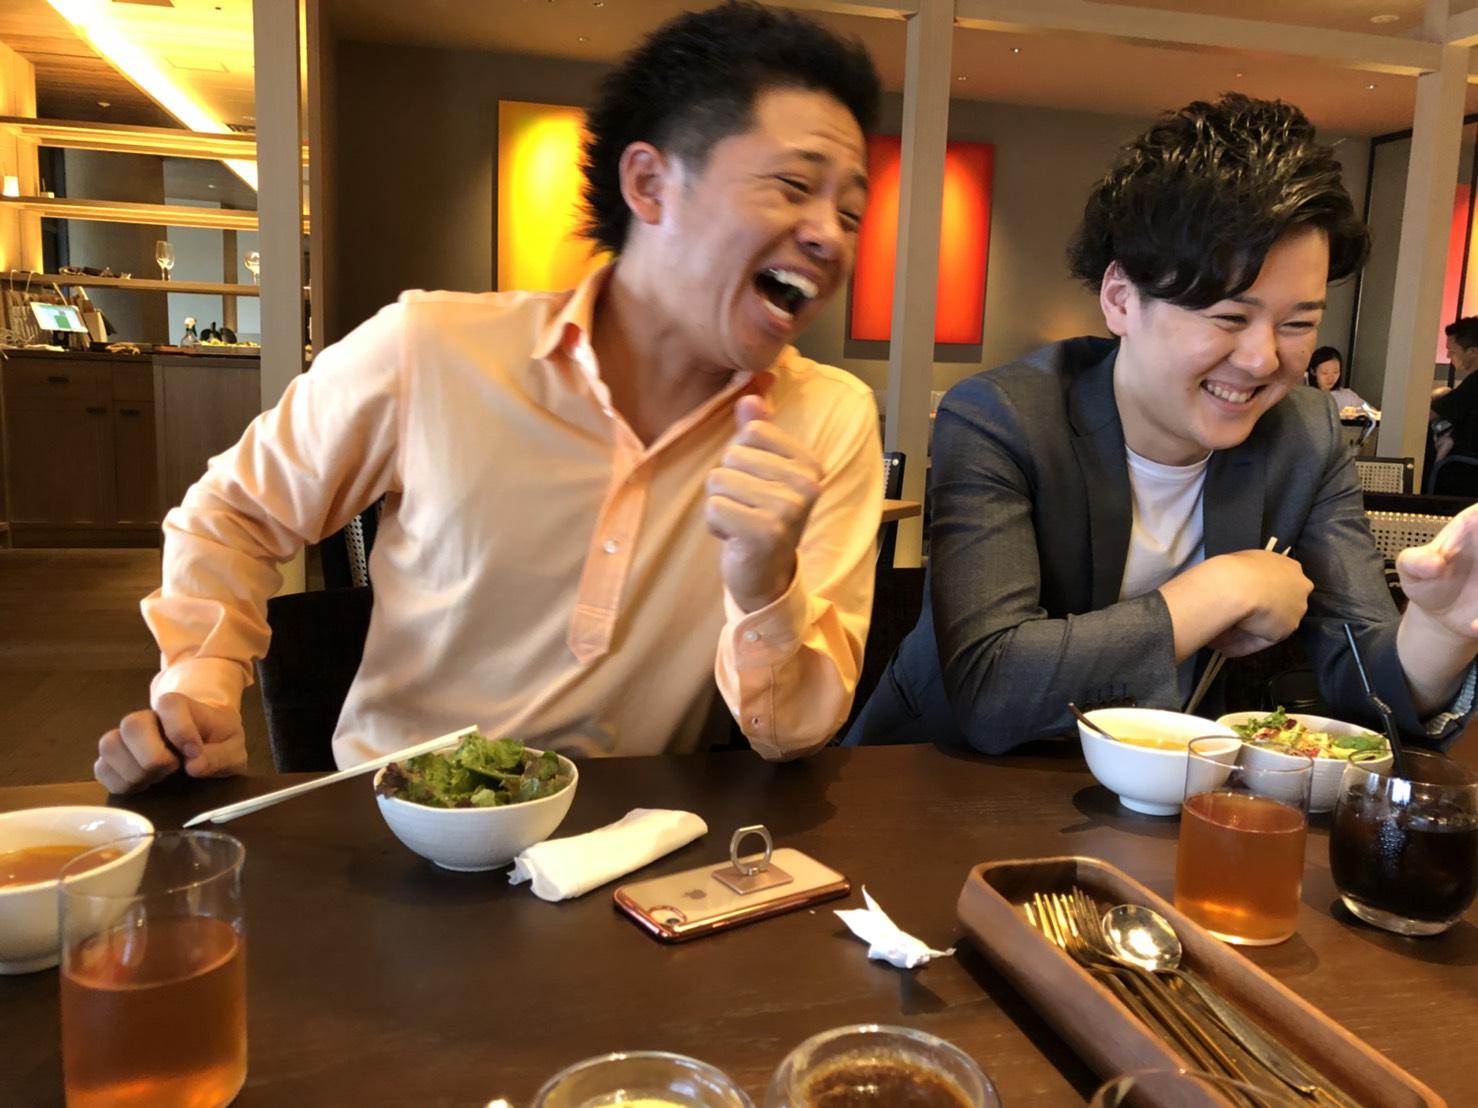 【最近のアカデミー】ペイ初の『独立起業!!!』仲間とランチミーティング